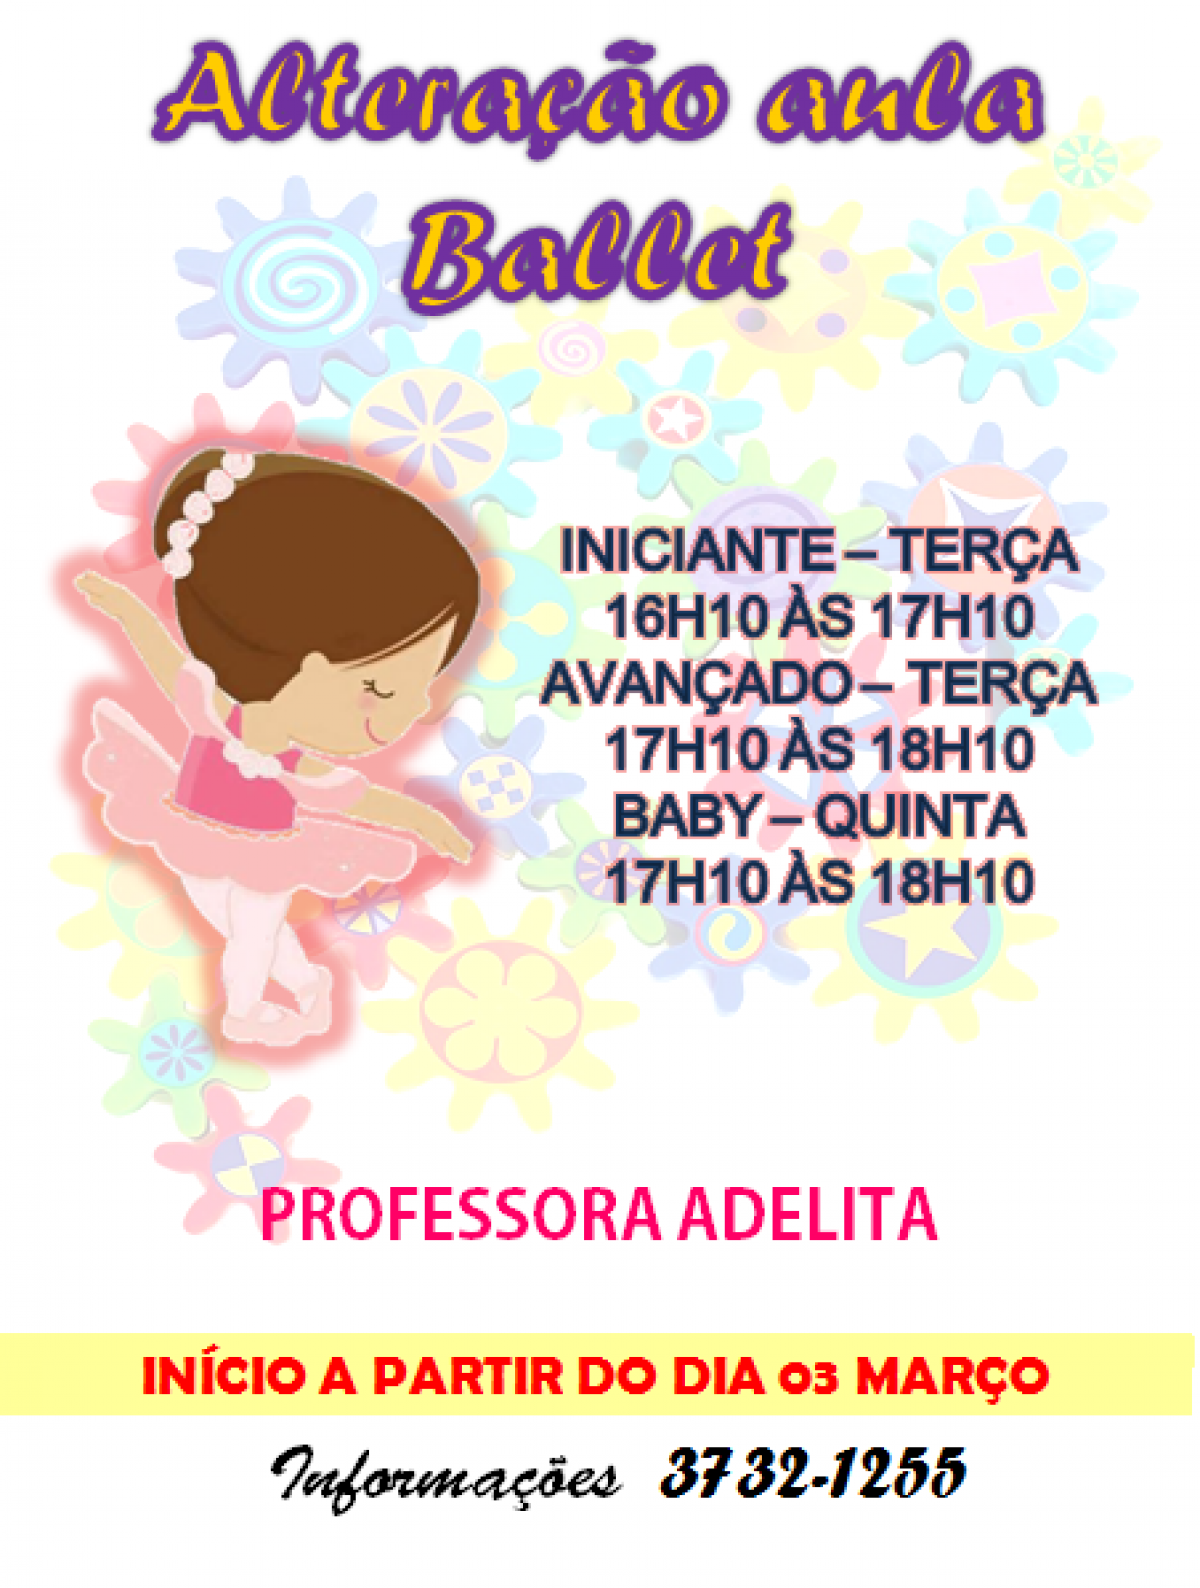 Alteração aula ballet